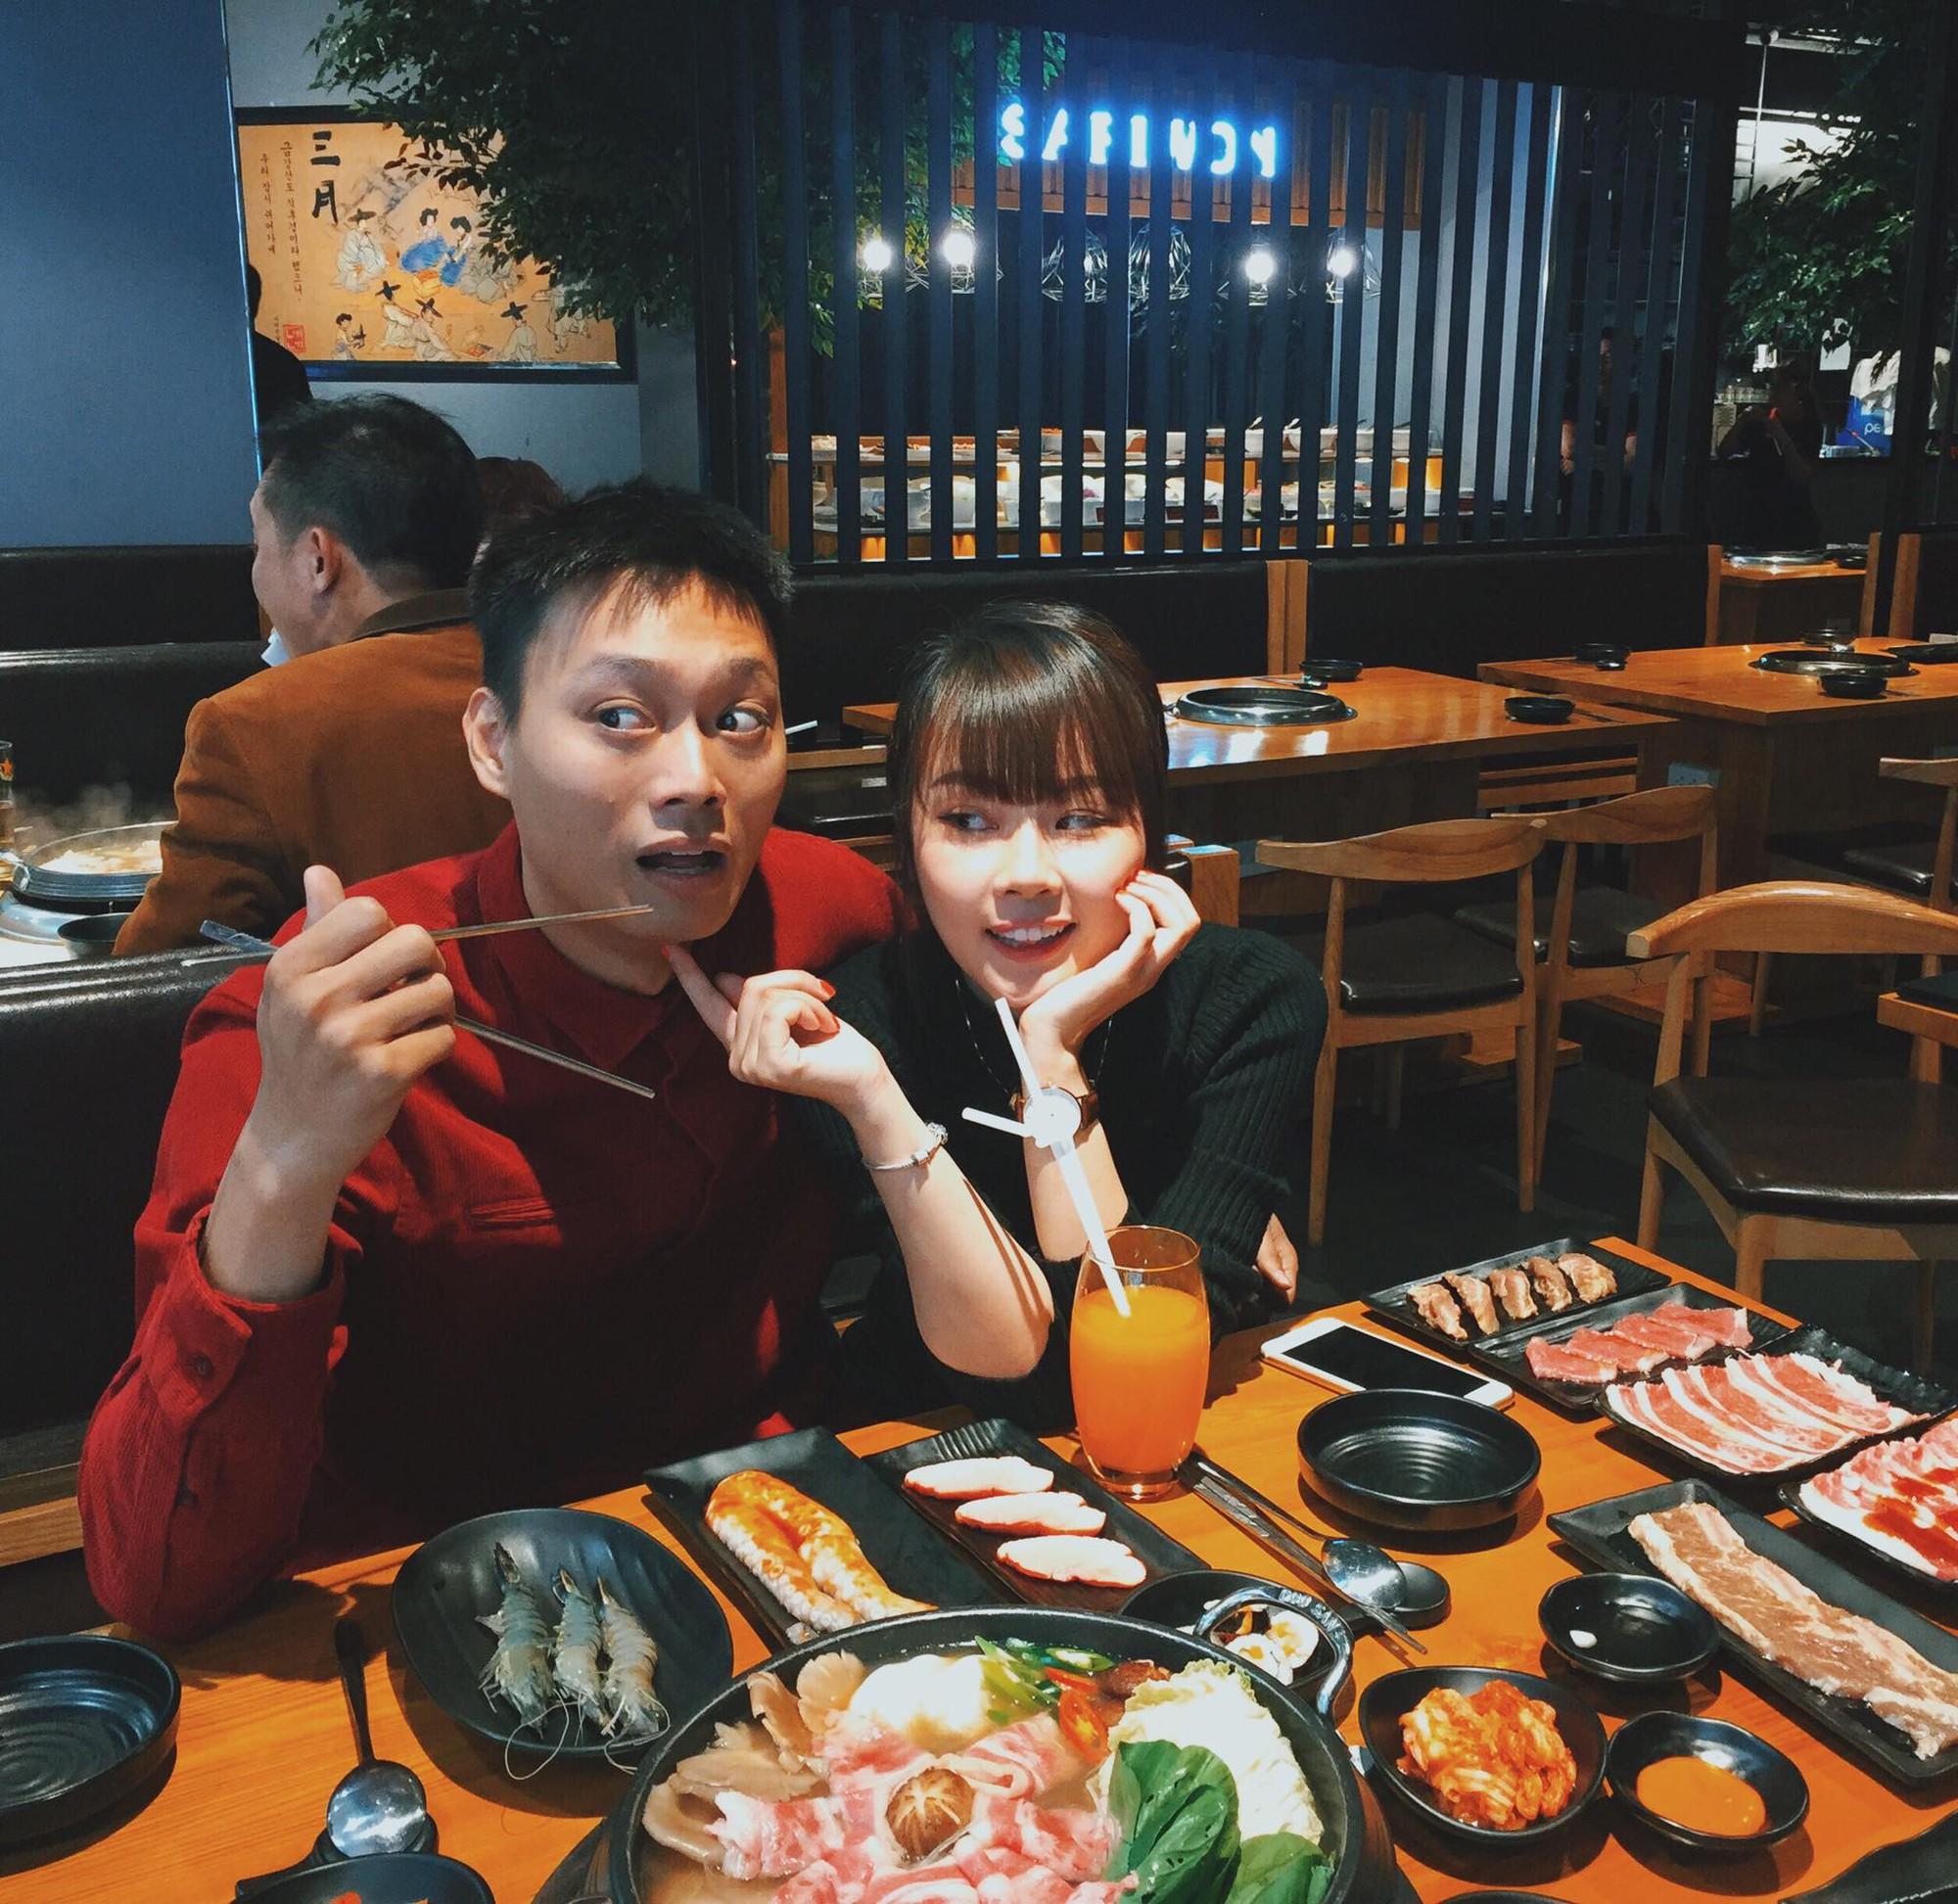 Loạt ảnh siêu lầy lội của vợ chồng Nhật Anh Trắng: Yêu thánh chế nên thế là quá bình thường! - Ảnh 23.